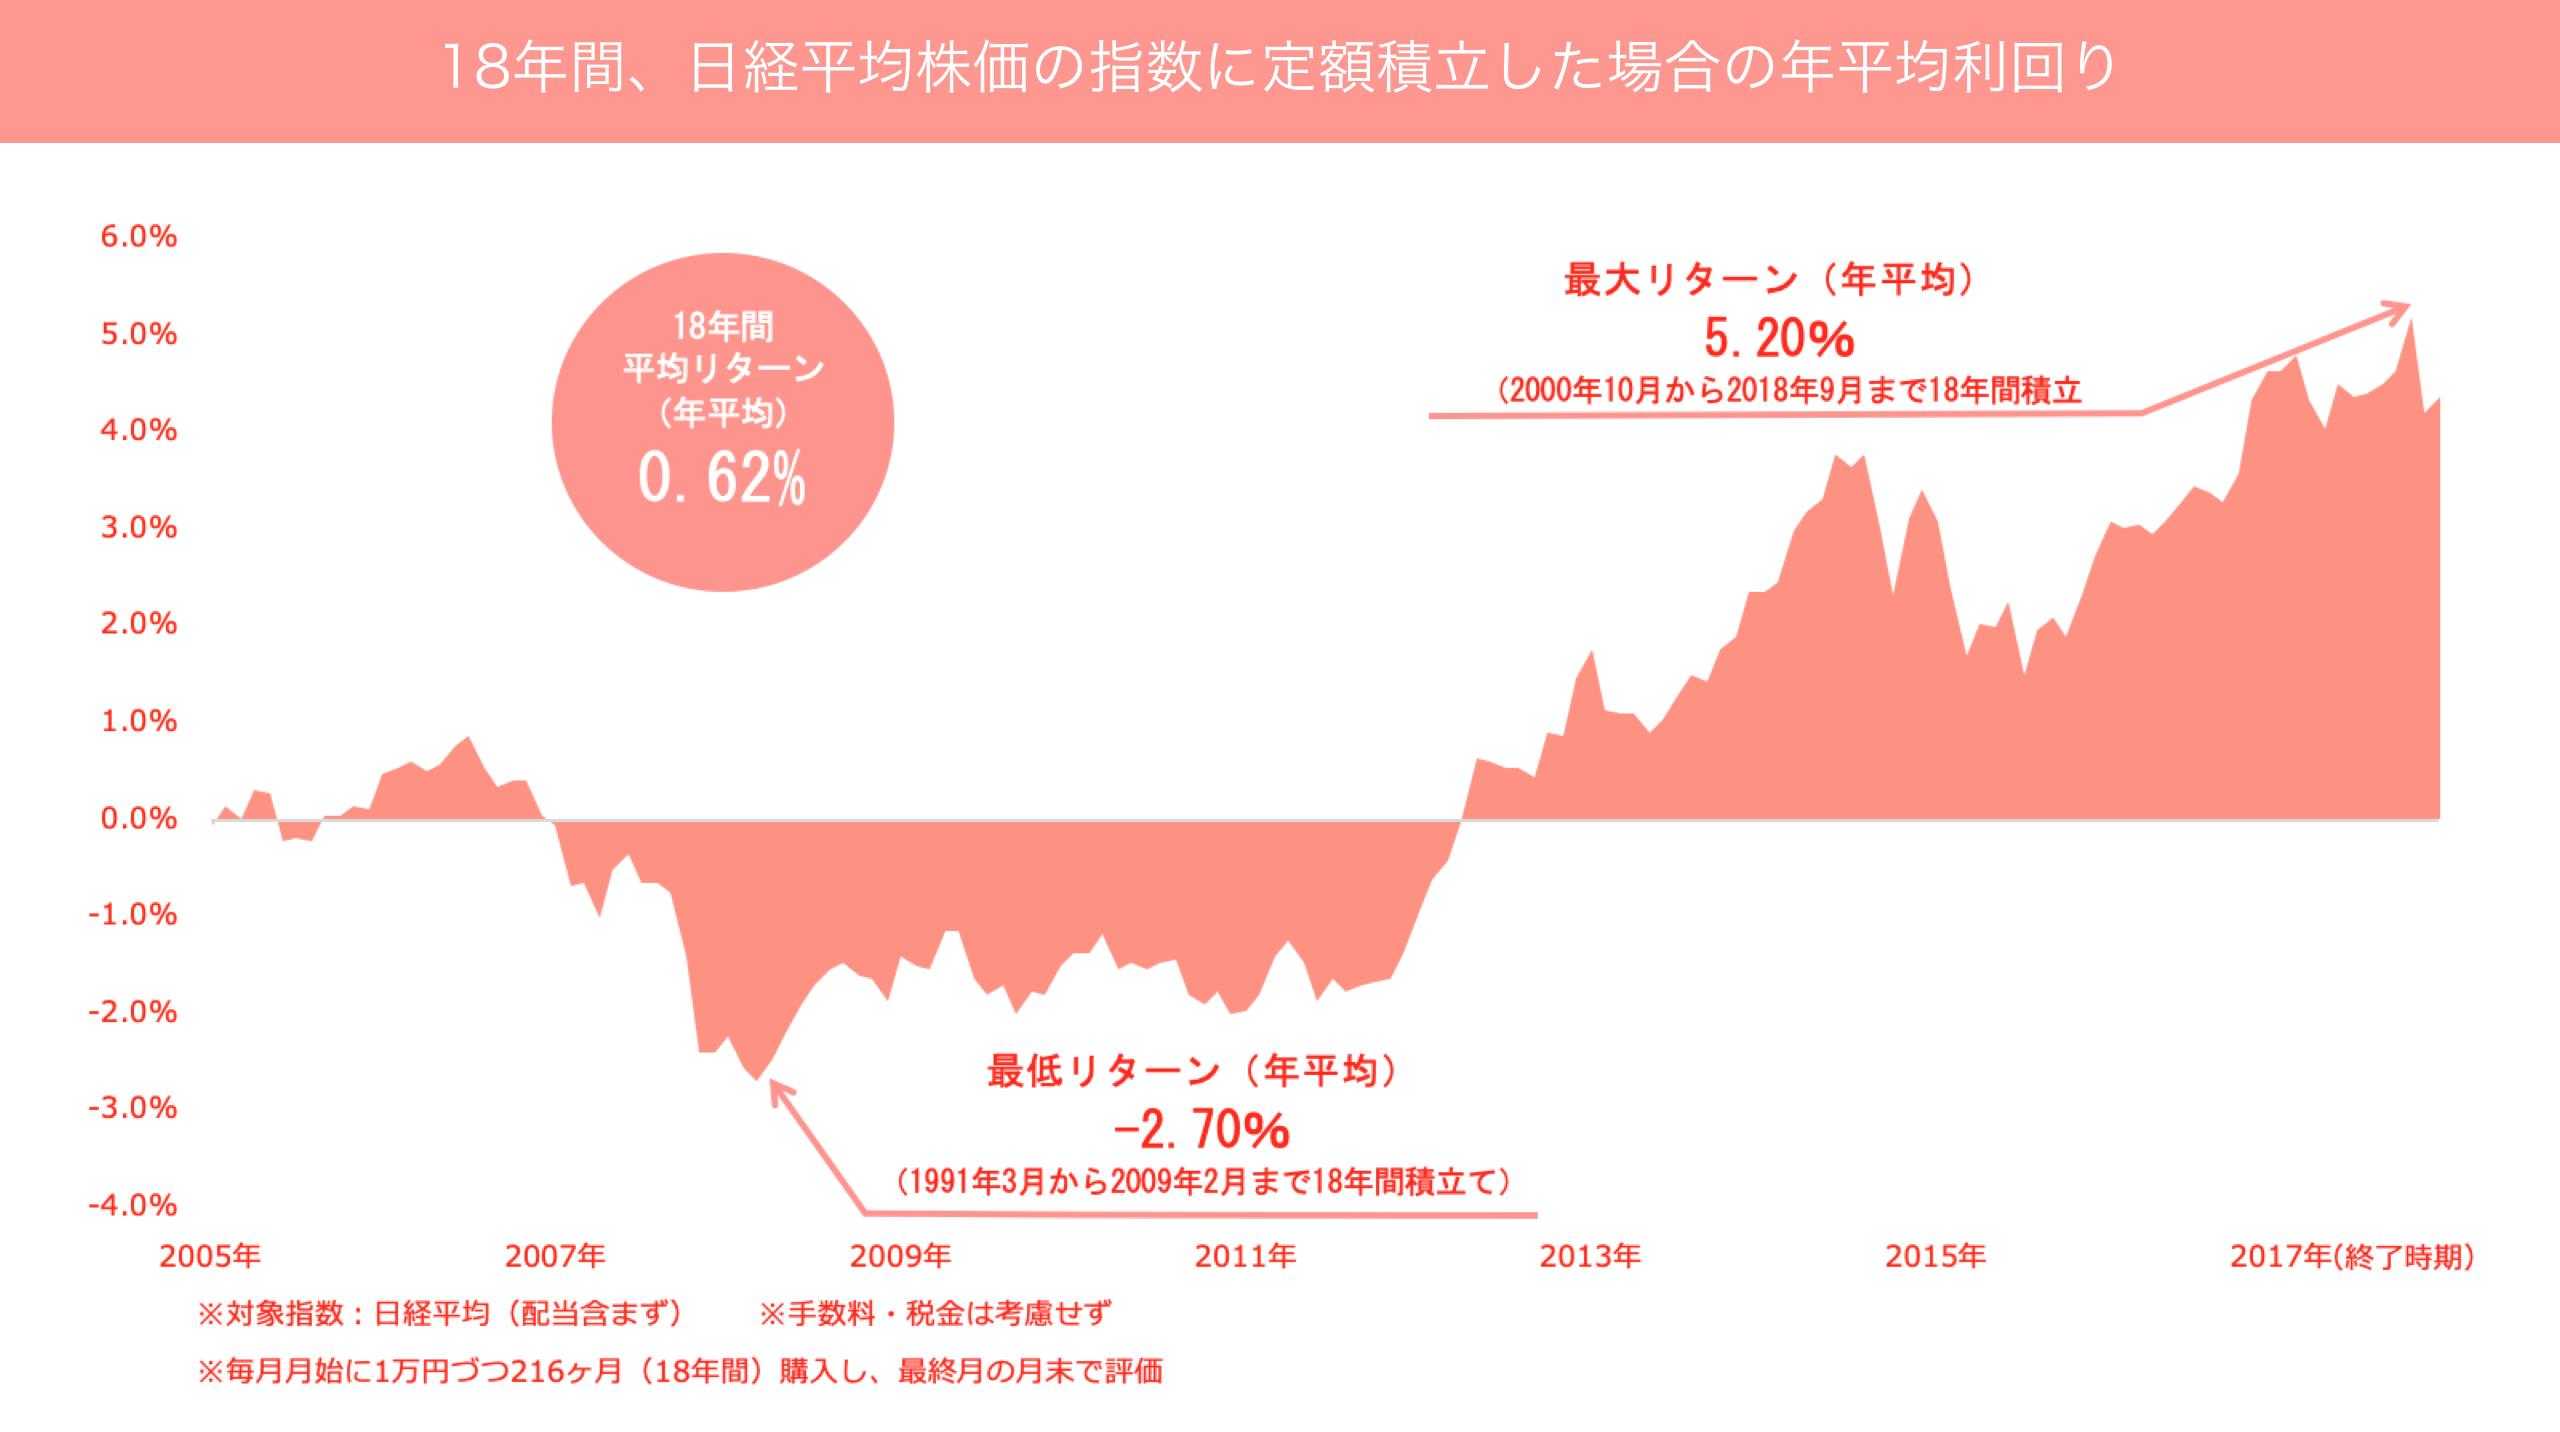 18年間、日経平均株価の指数に定額積立した場合の年平均利回り